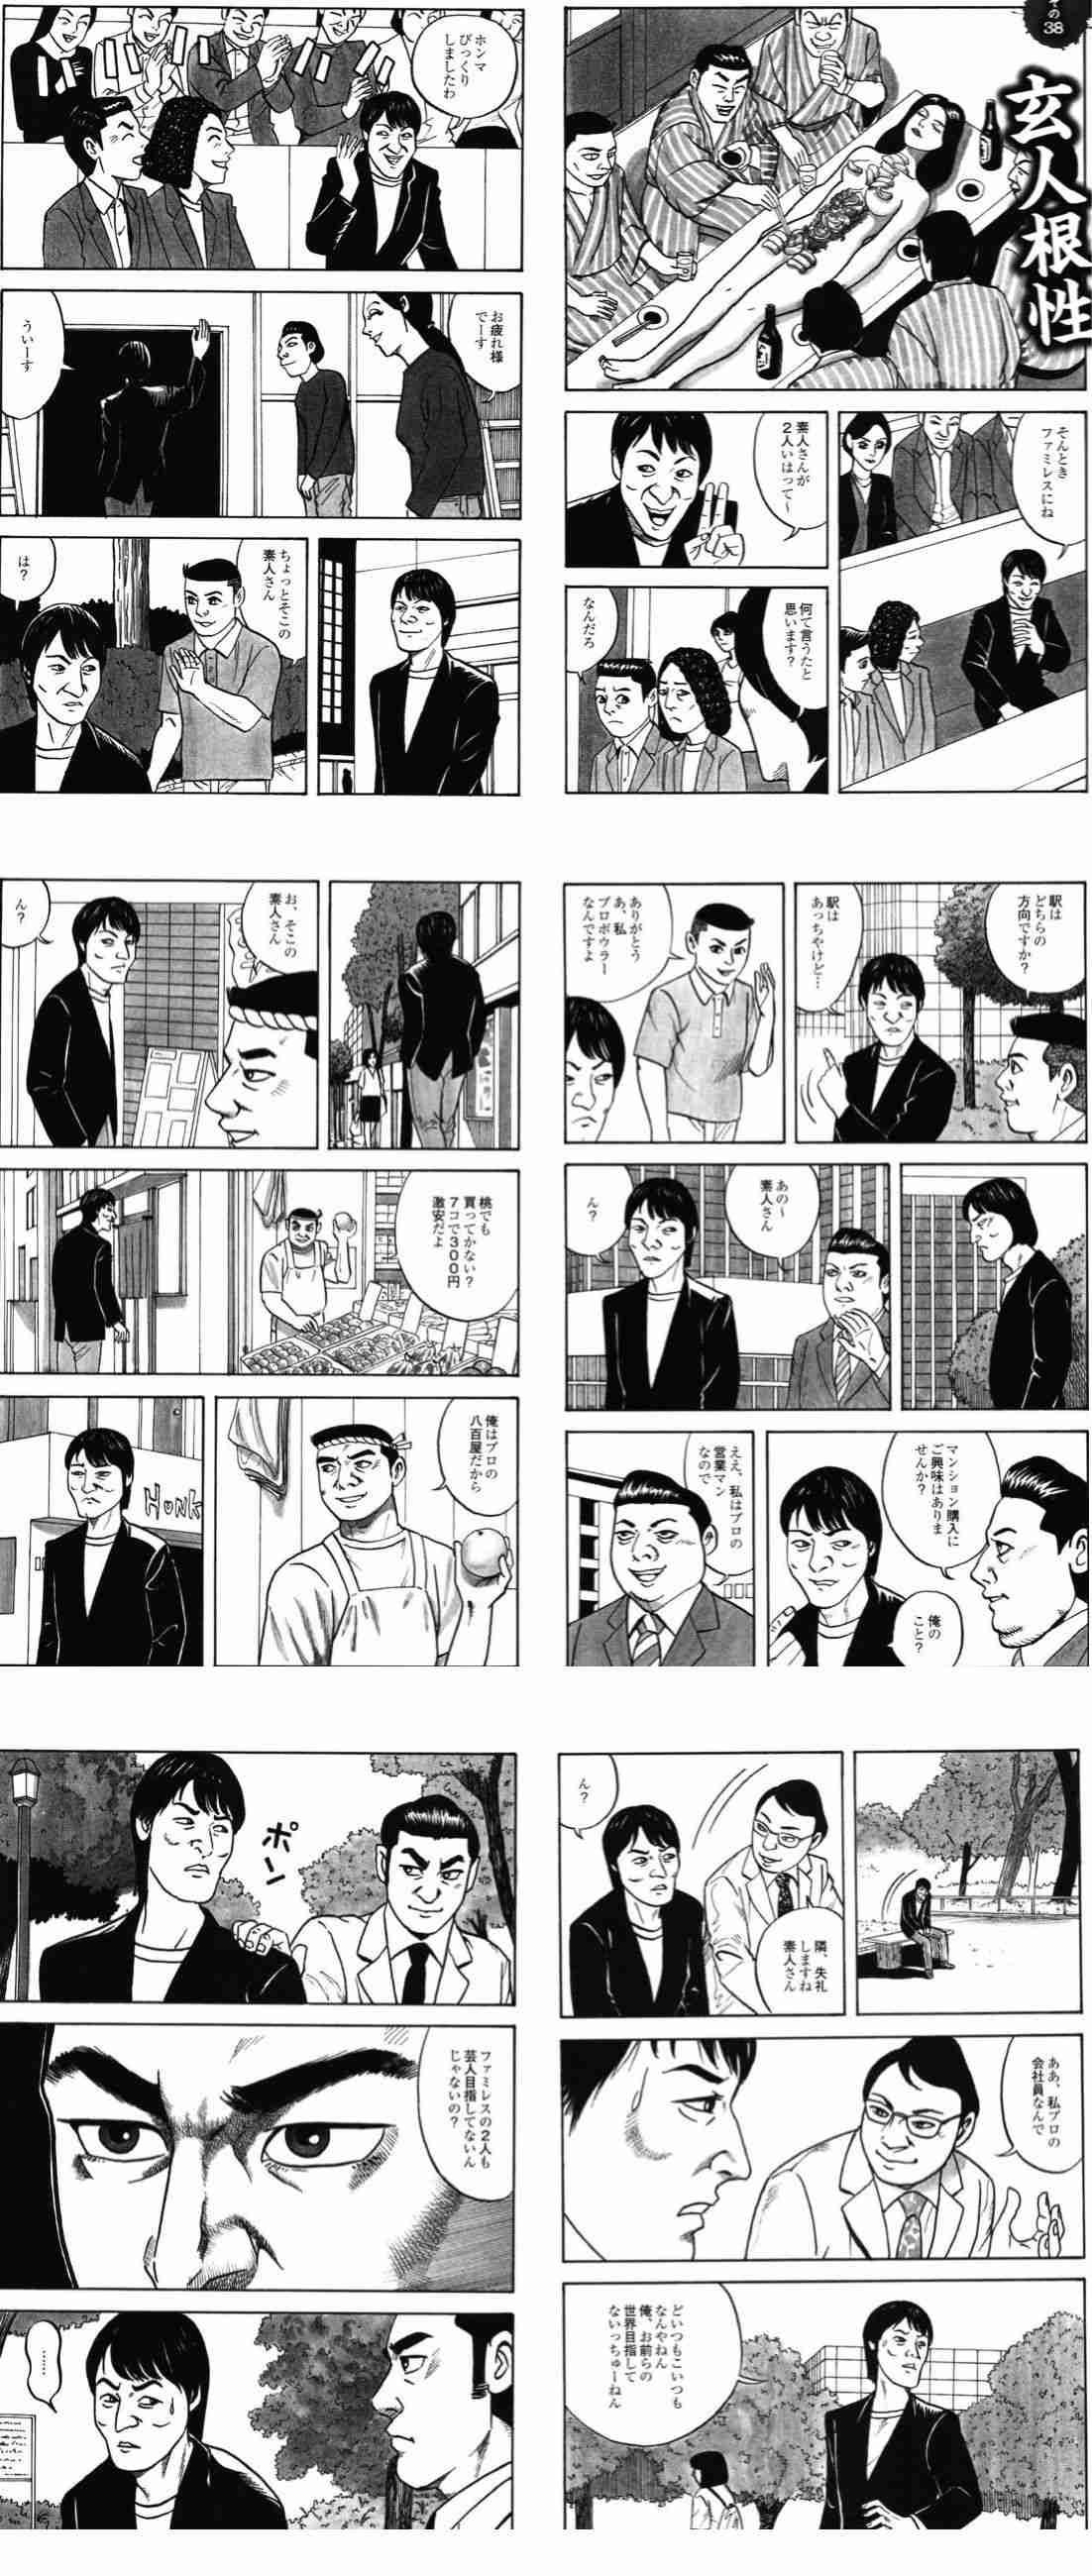 博多大吉、東京都以外を「地方」と呼ぶことに違和感